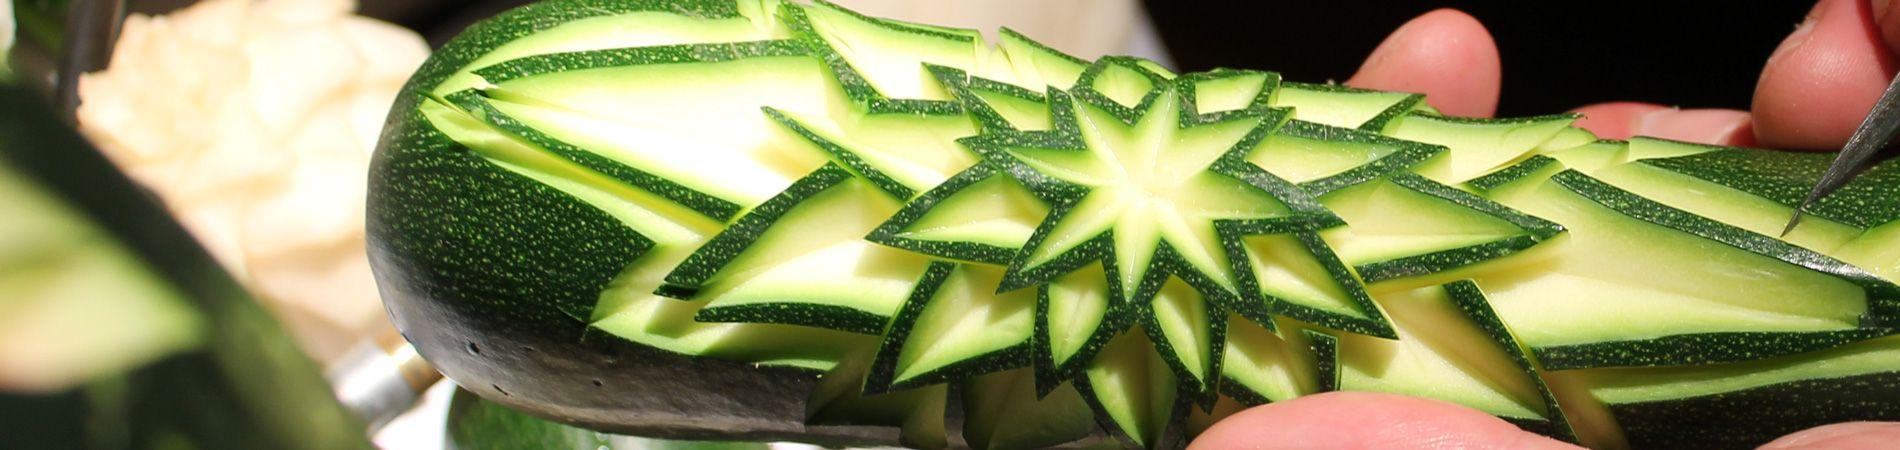 Sculptures sur légumes aux grands buffets narbonne